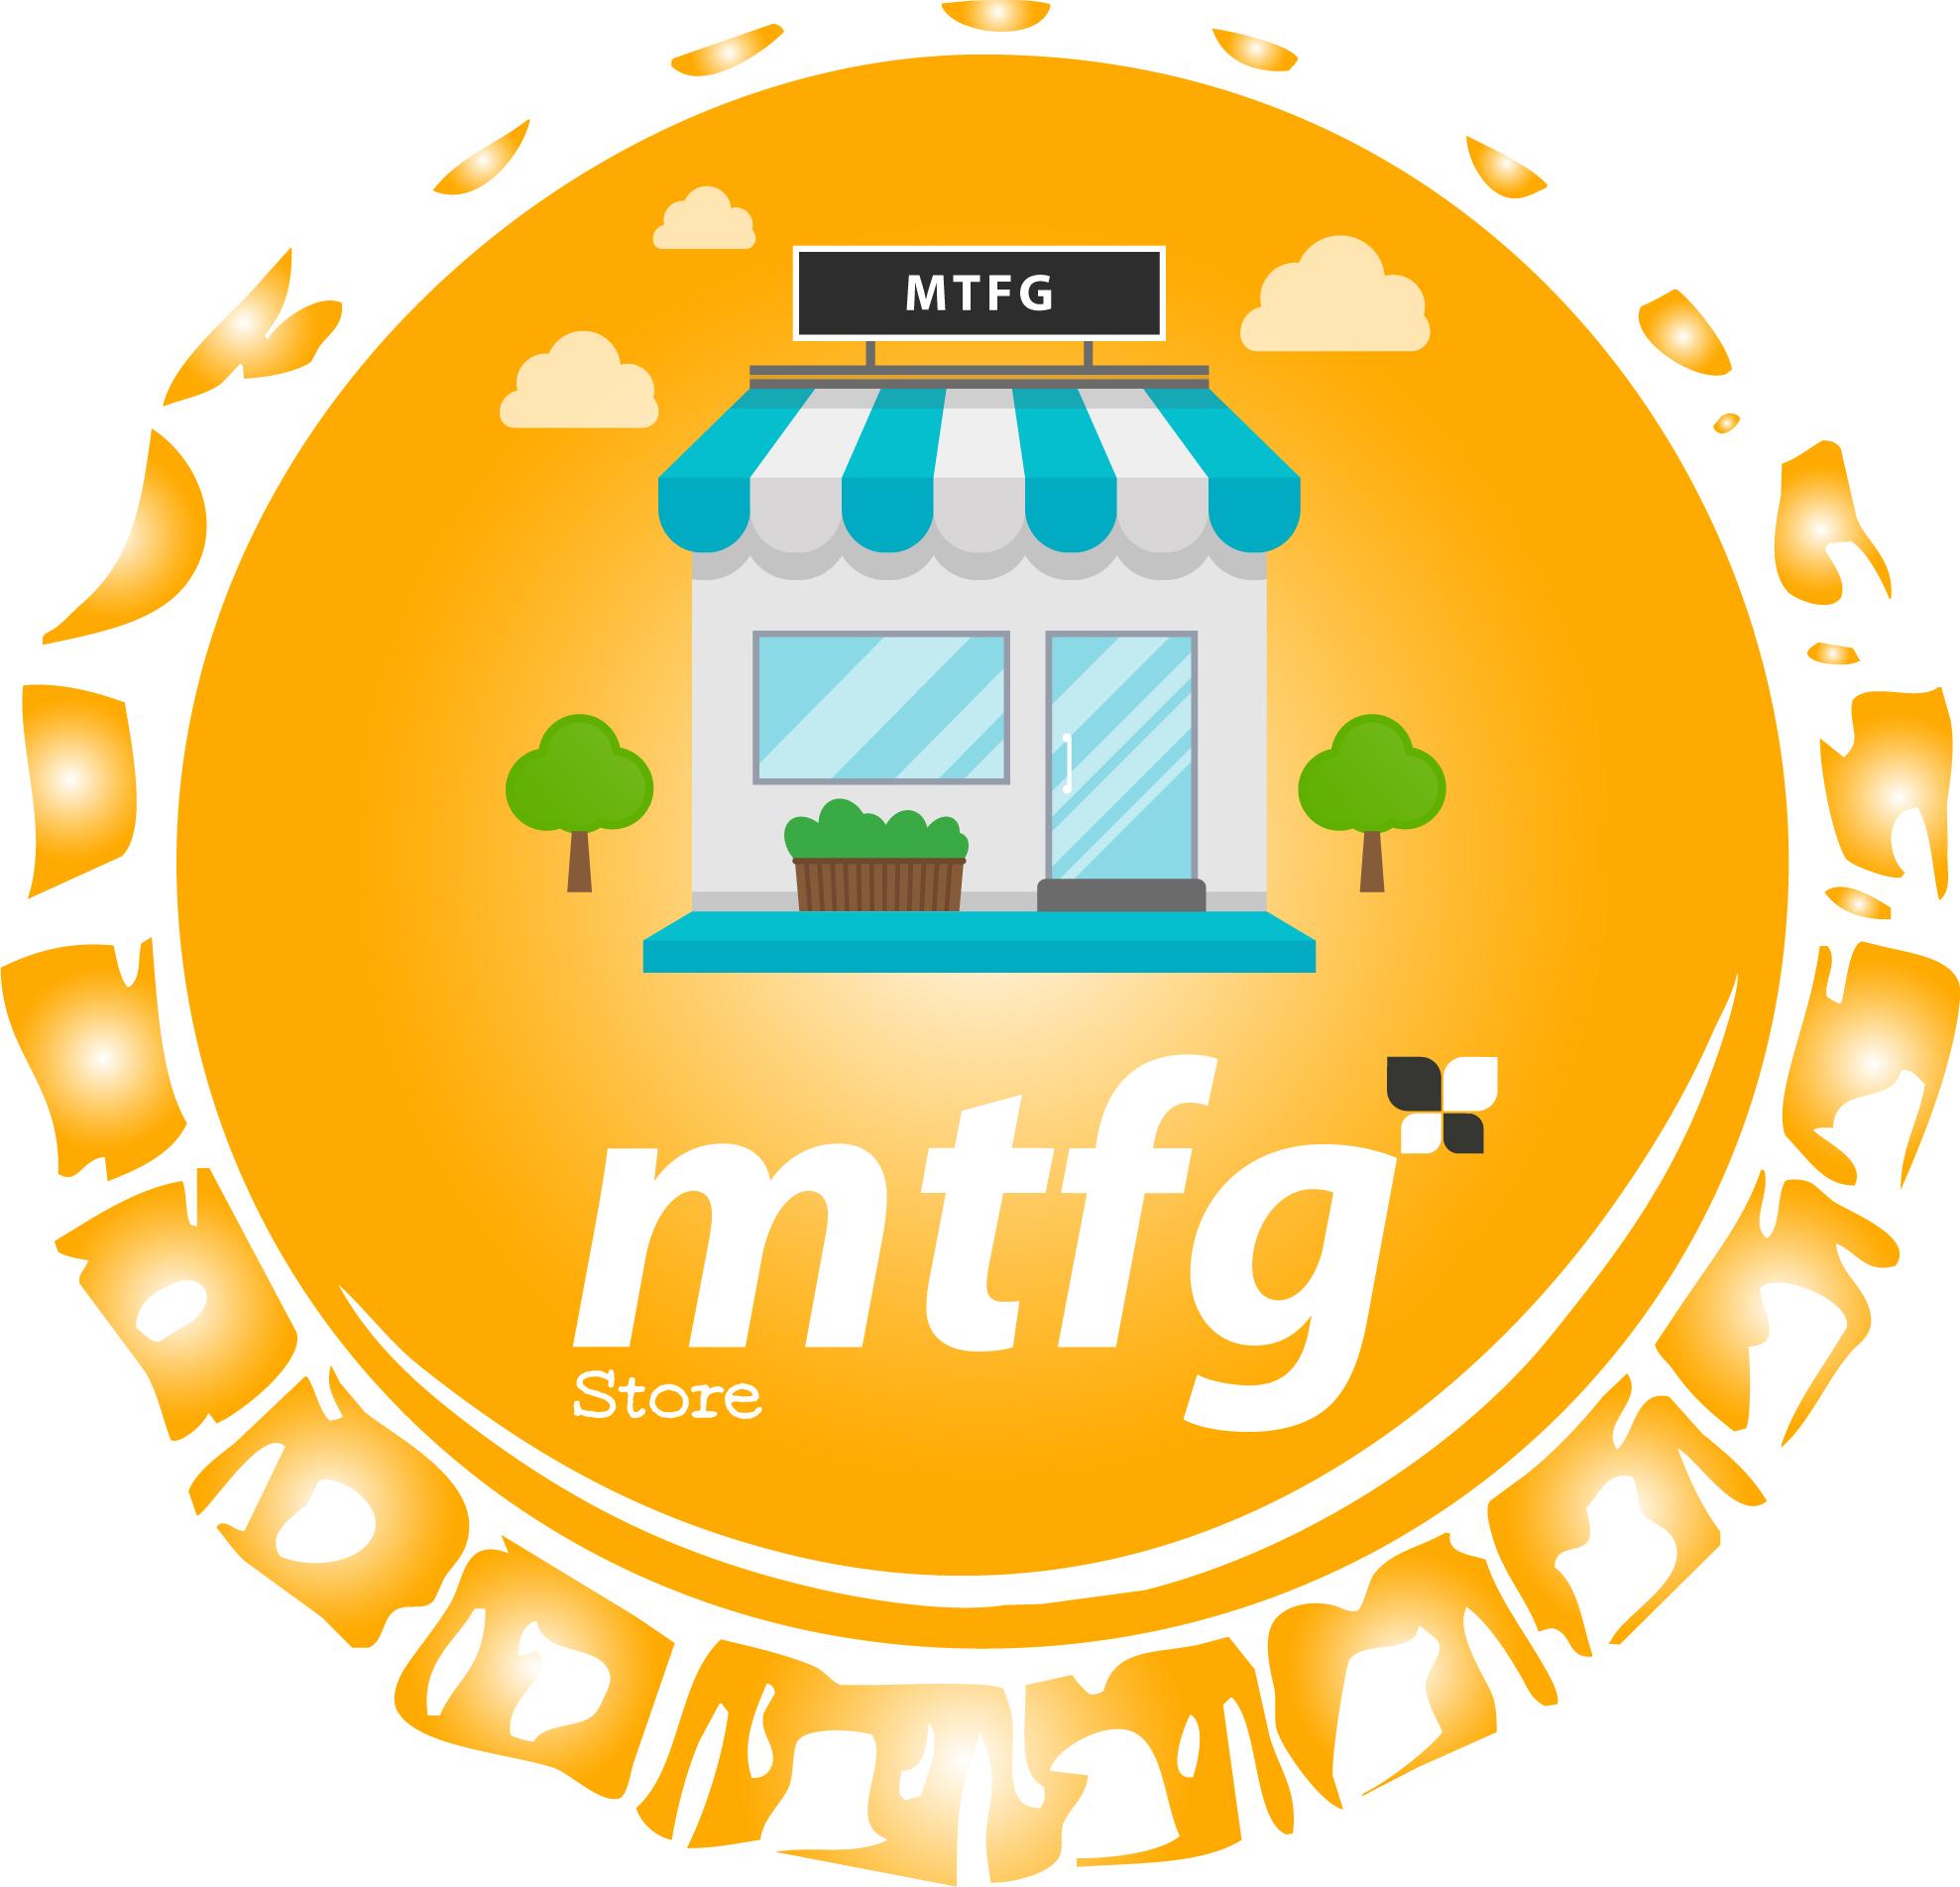 MTFG Store